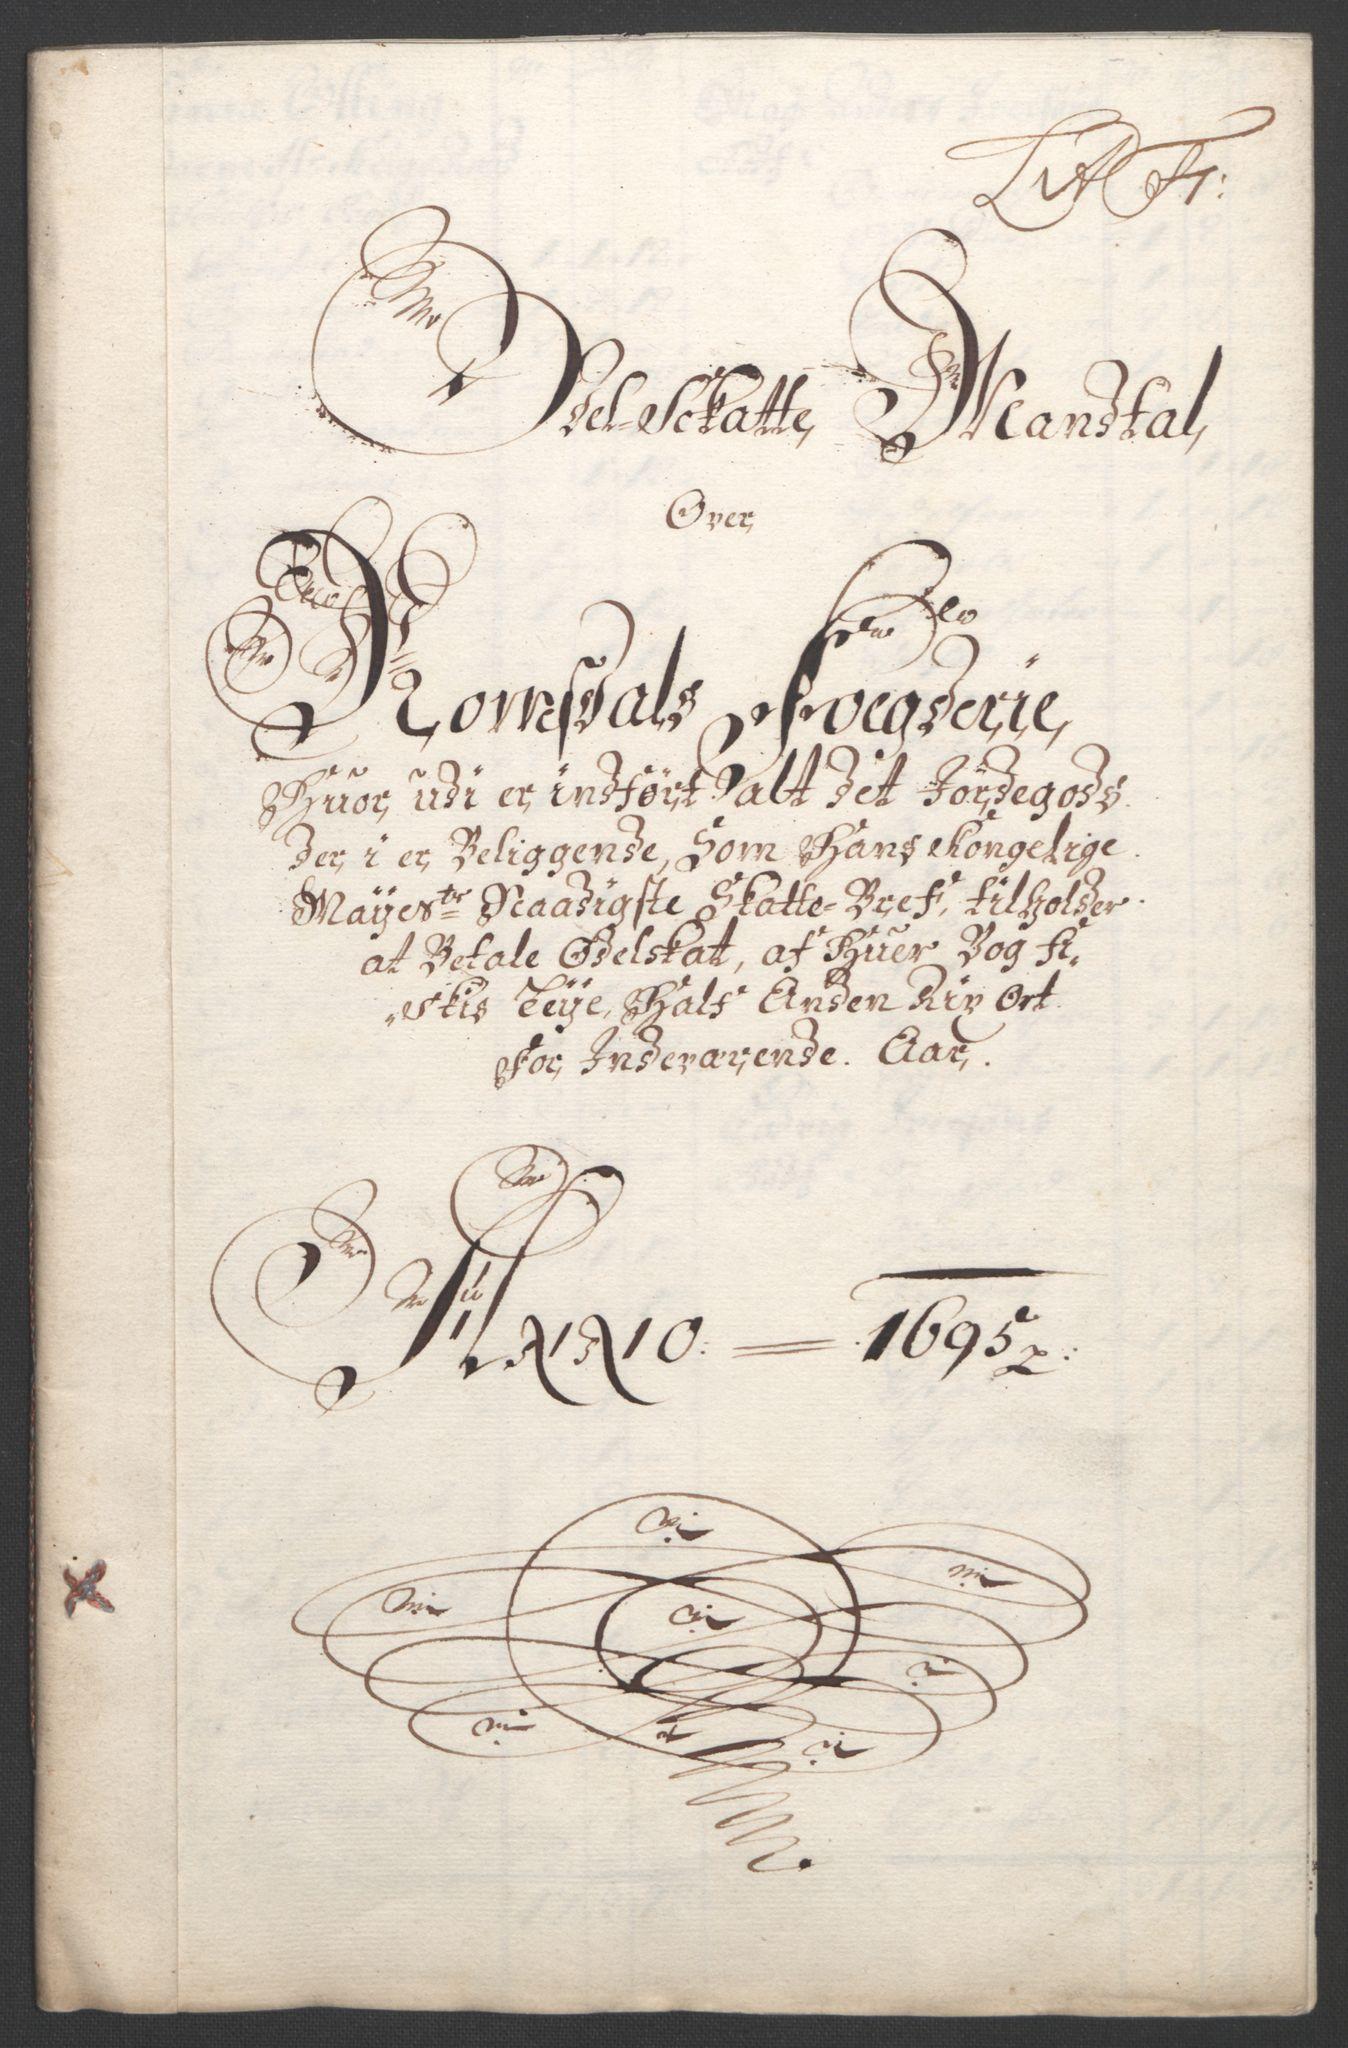 RA, Rentekammeret inntil 1814, Reviderte regnskaper, Fogderegnskap, R55/L3652: Fogderegnskap Romsdal, 1695-1696, s. 76